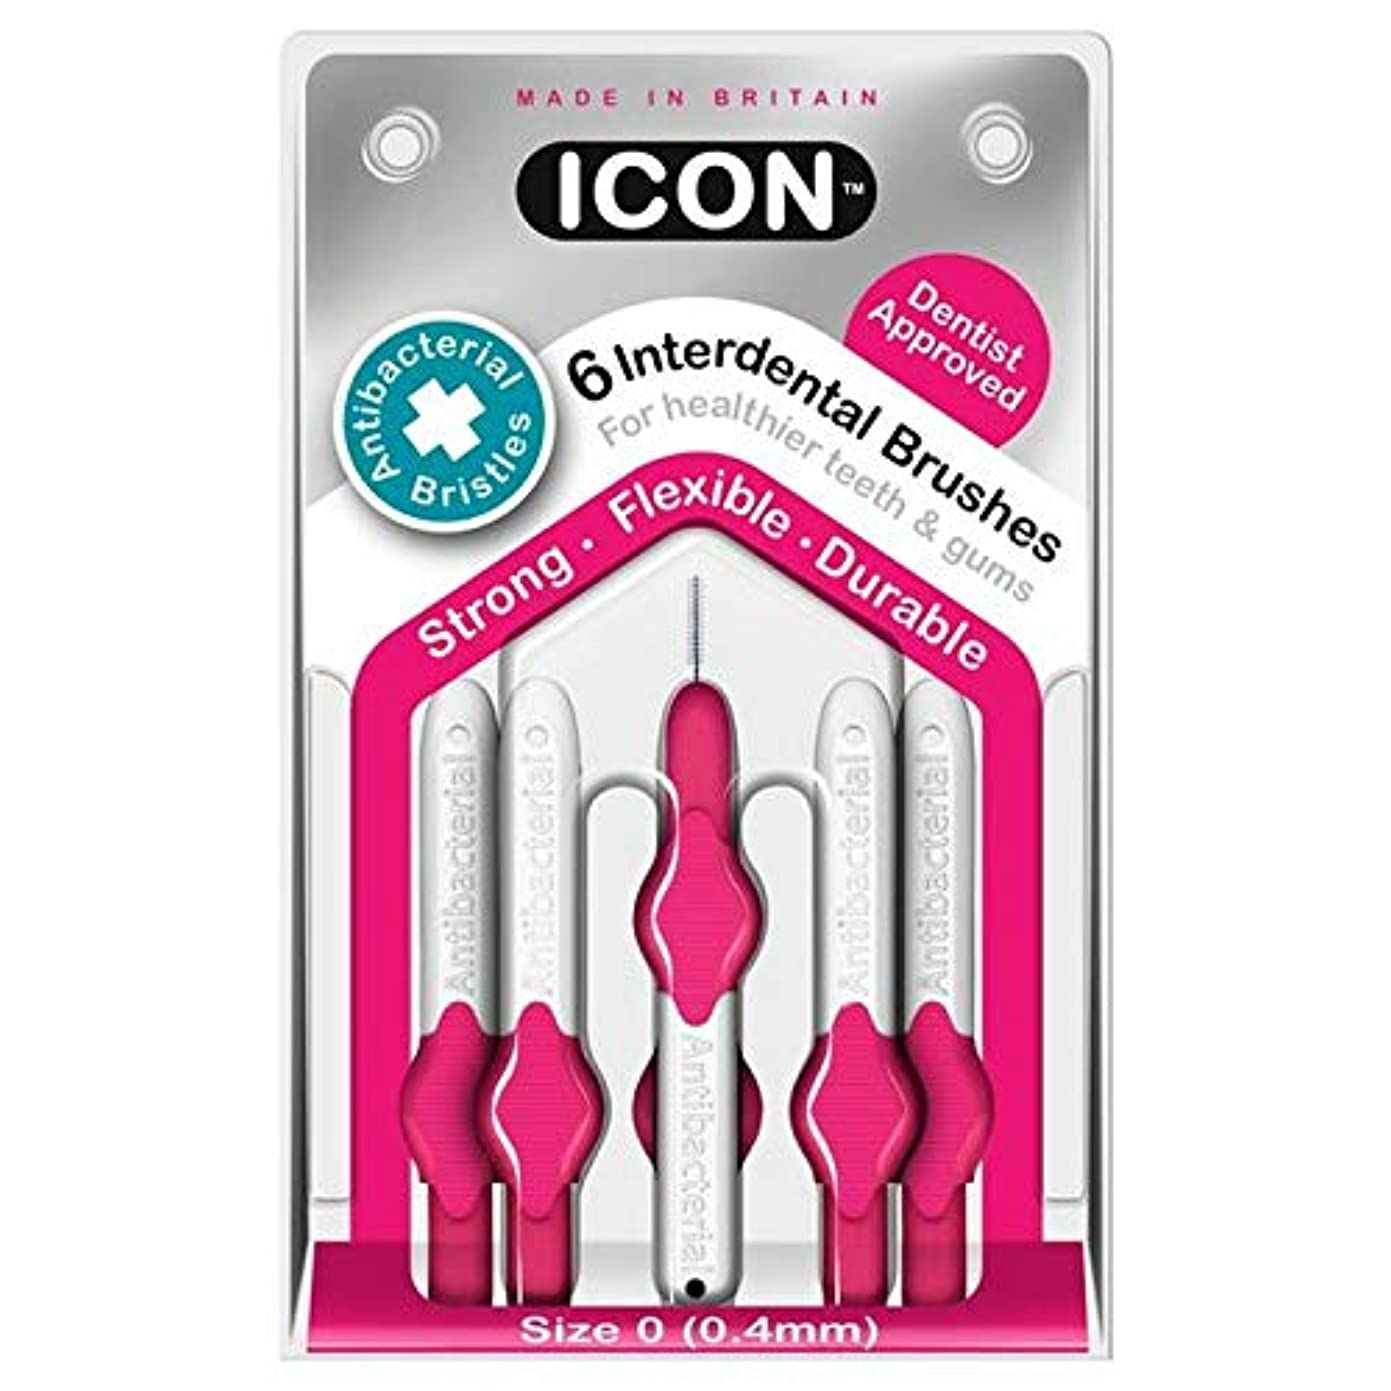 計画インシュレータ観光[Icon ] アイコンの歯間には、パックあたり0.4ミリメートル6ブラシ - Icon Interdental Brushes 0.4mm 6 per pack [並行輸入品]